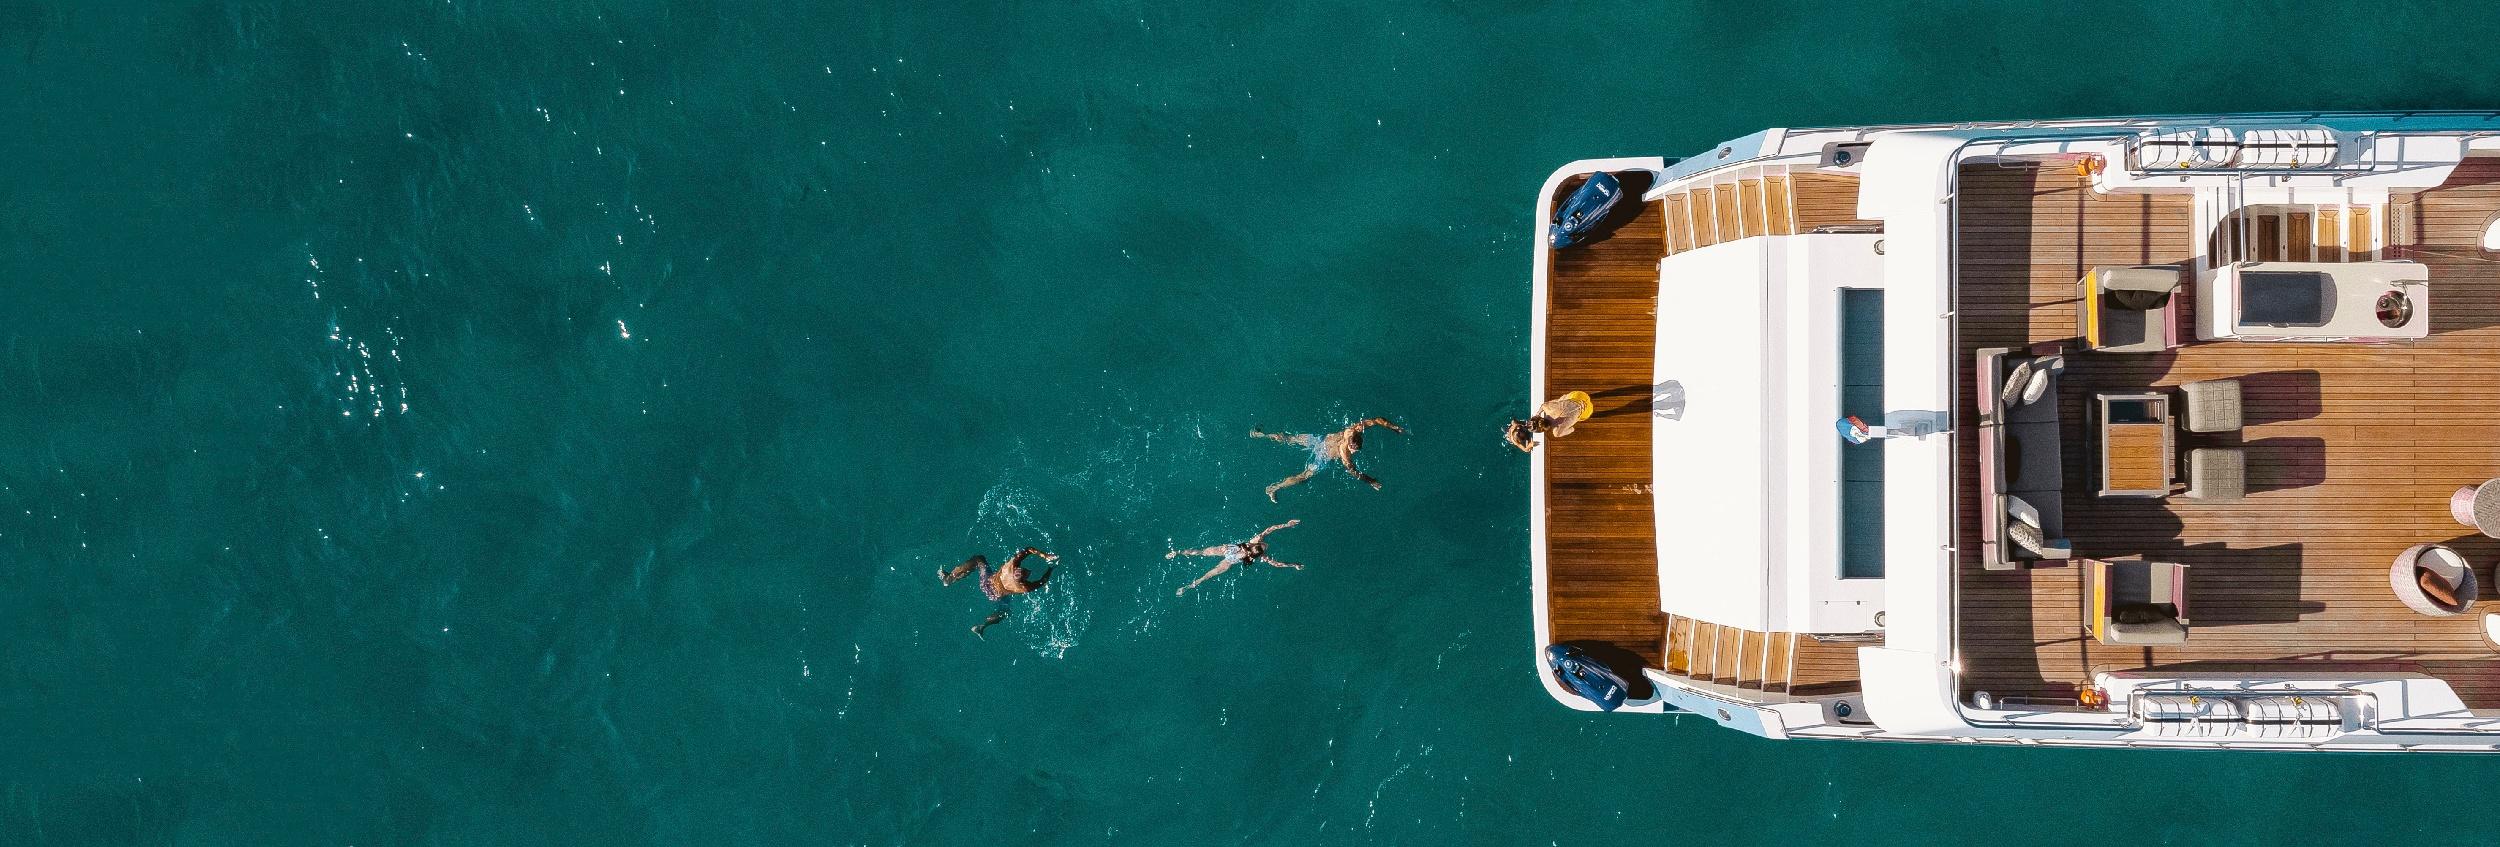 Nomad Yachts